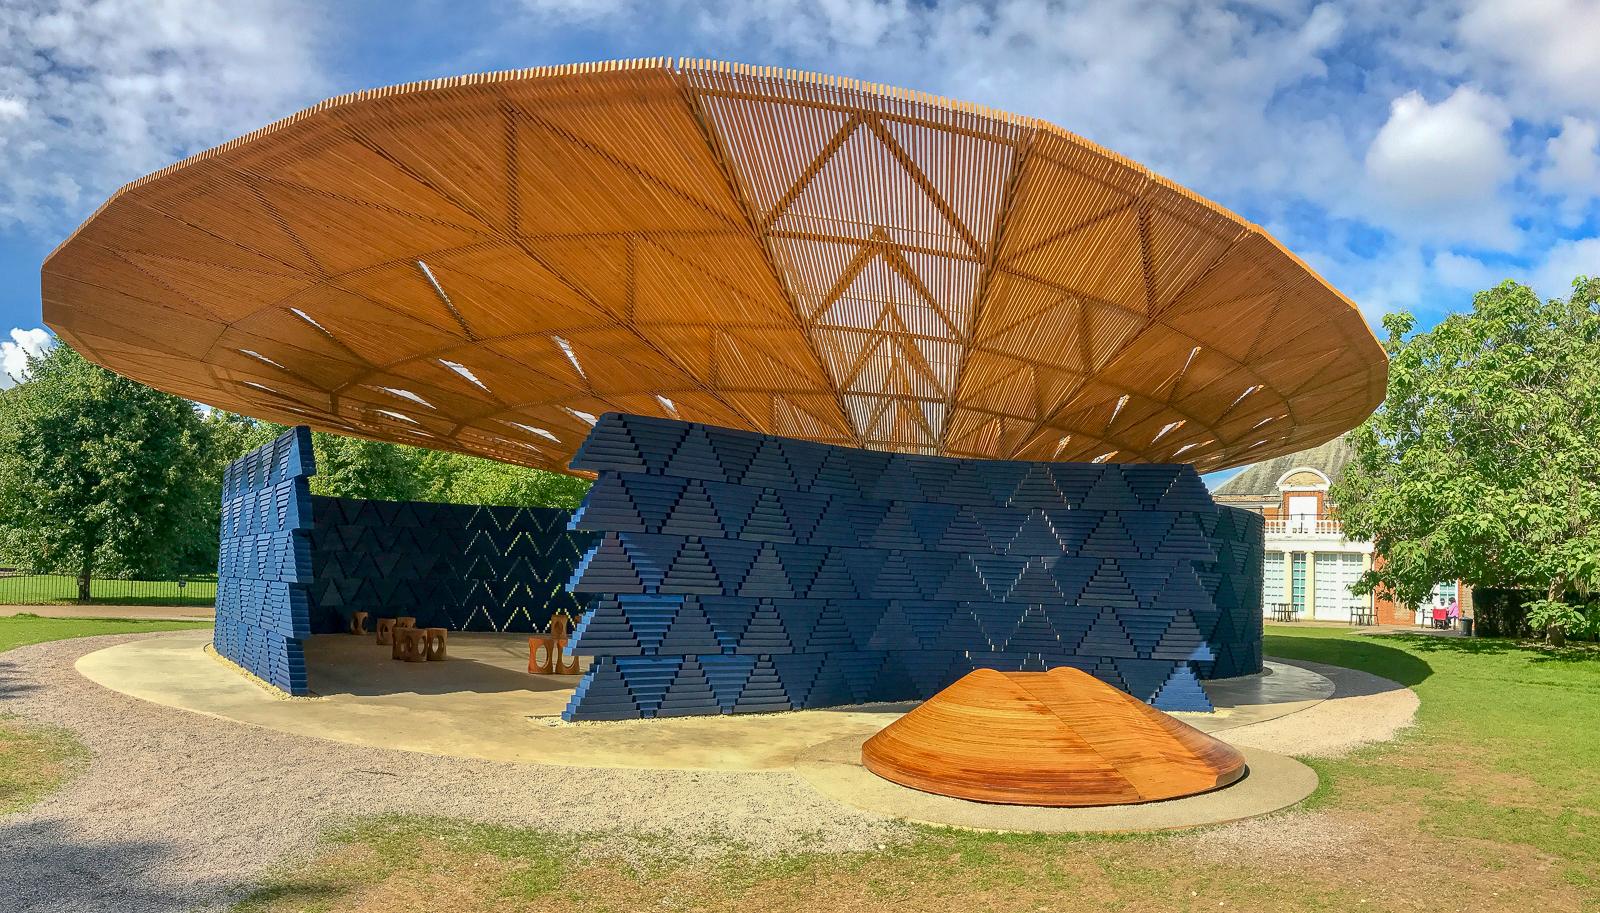 The Serpentine Pavilion 2017 designed by Francis Kéré